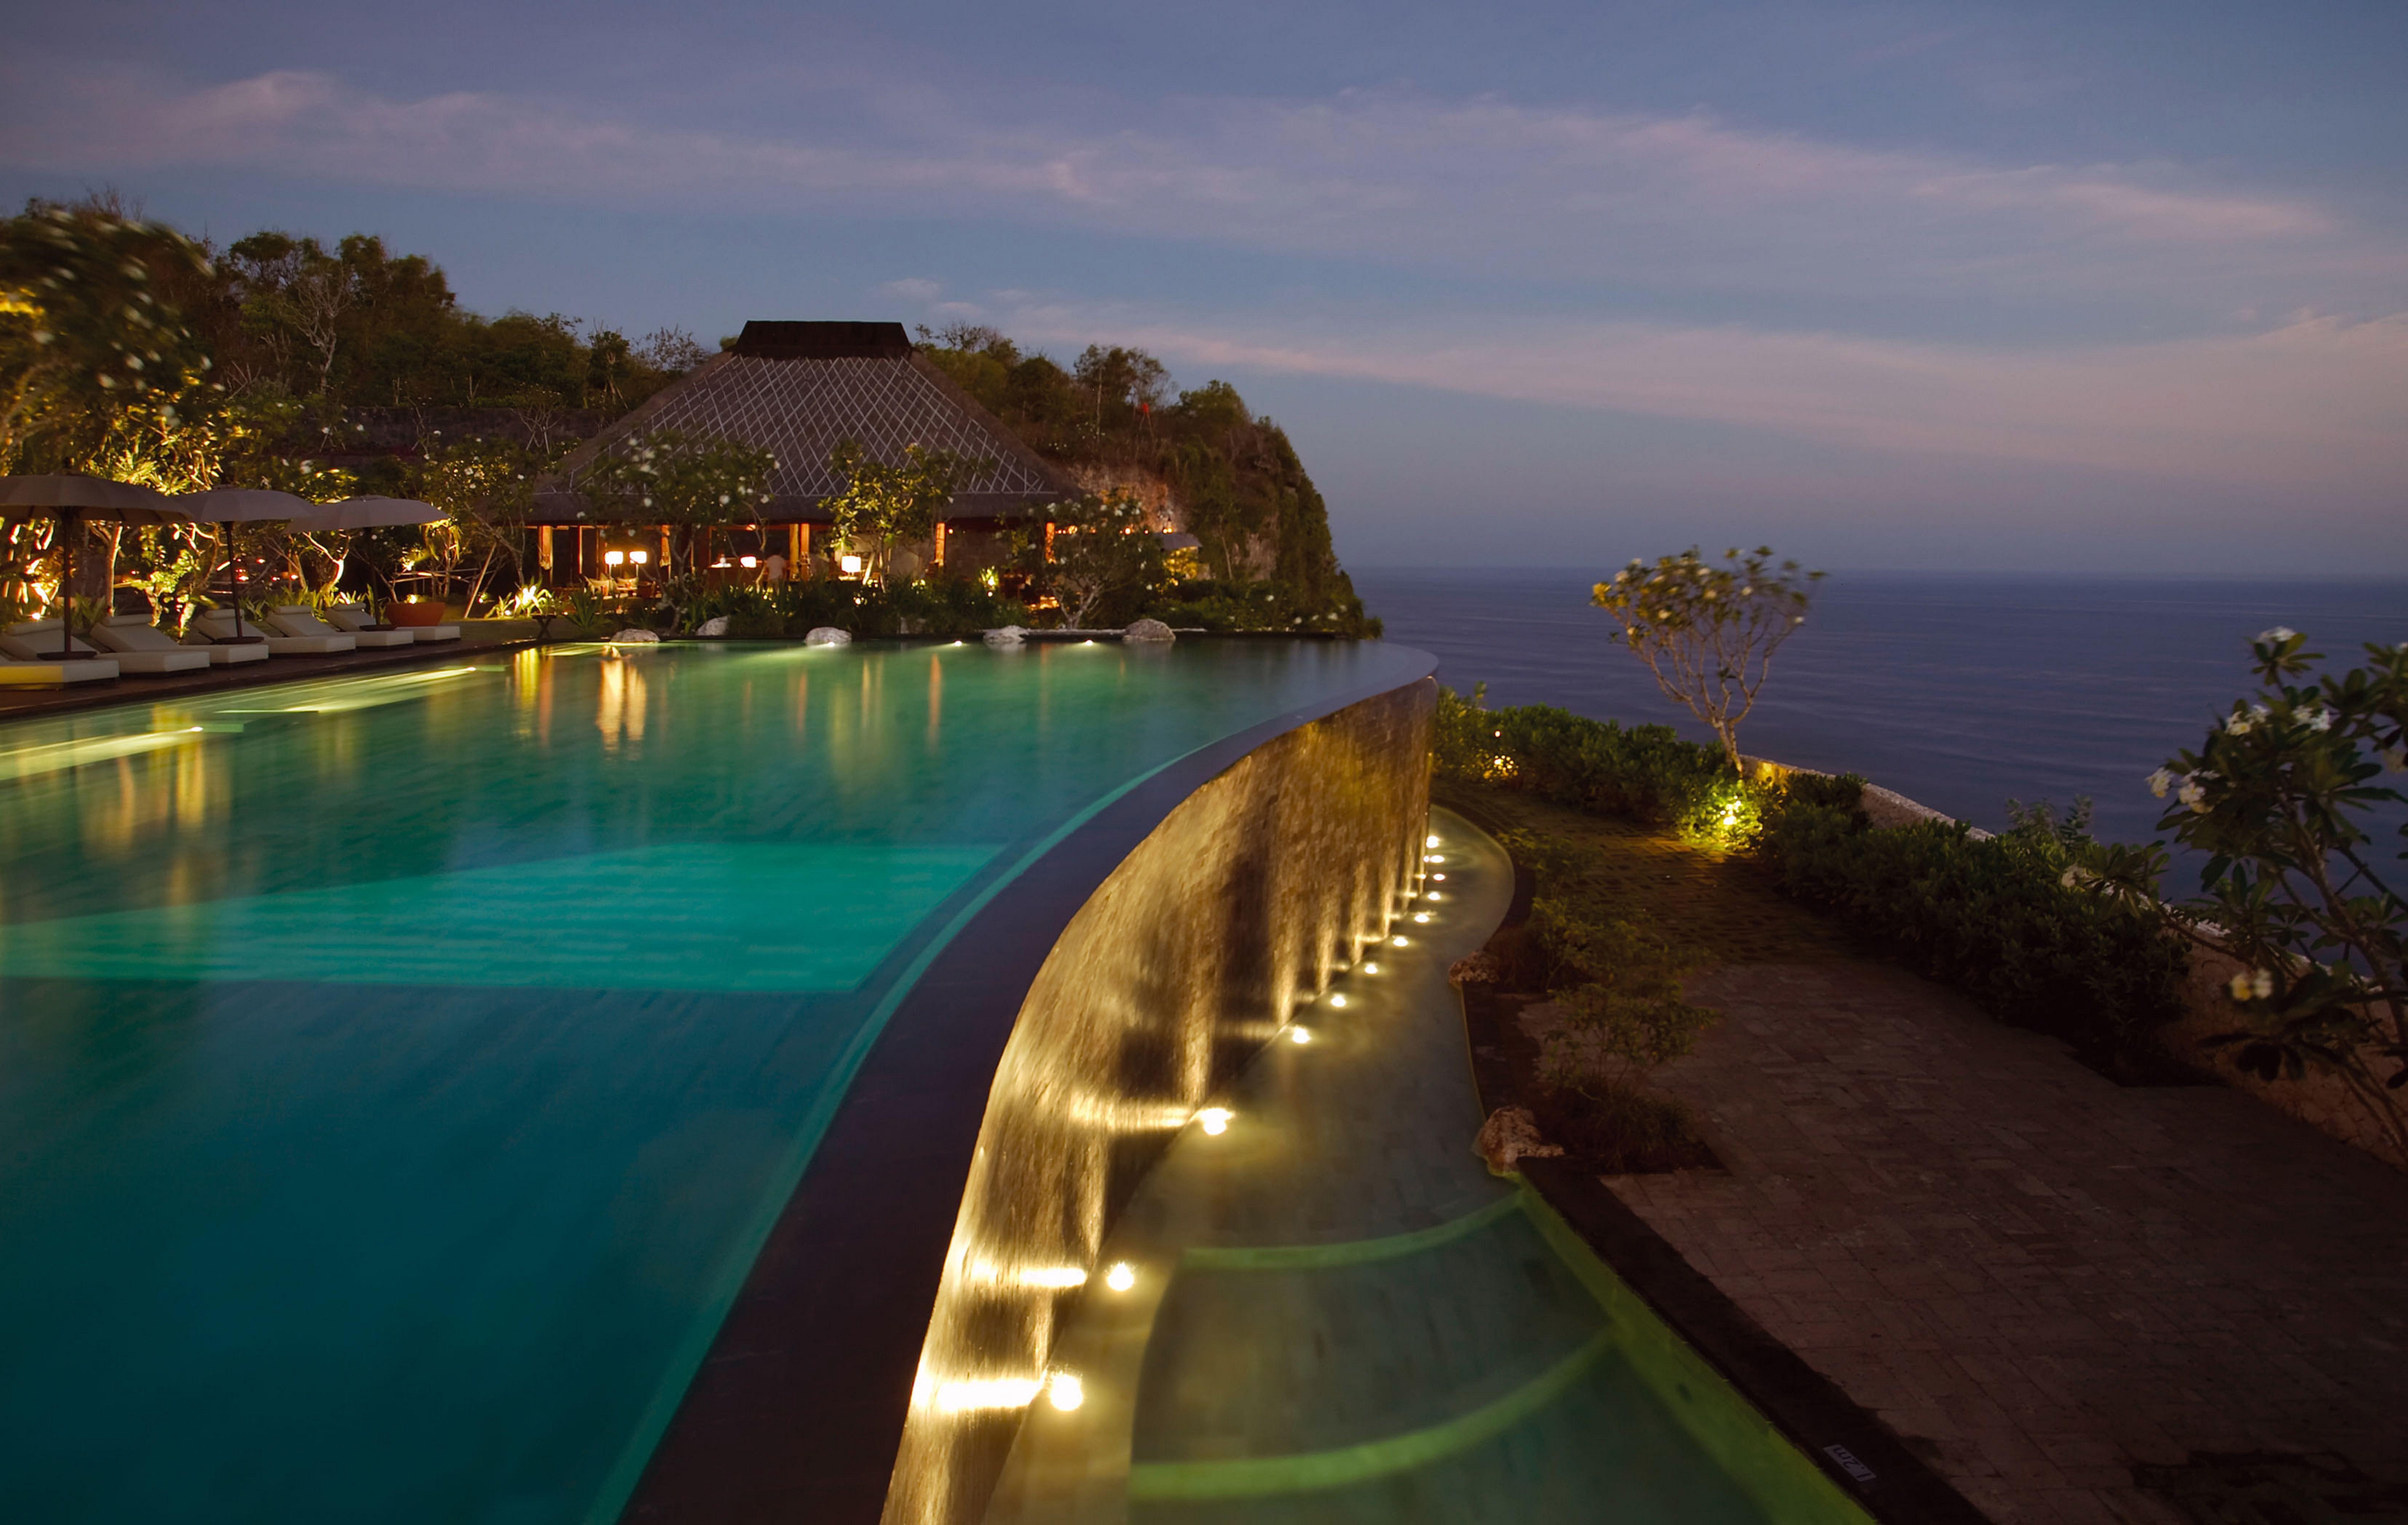 Wir haben drei der schönsten Pools der Welt von Brasilien über Marokko bis Bali für Sie ausgewählt. Im Bulgari Resort, Bali liegt der Infinity Pool an der Kante einer 150 m hohen Steilklippe!